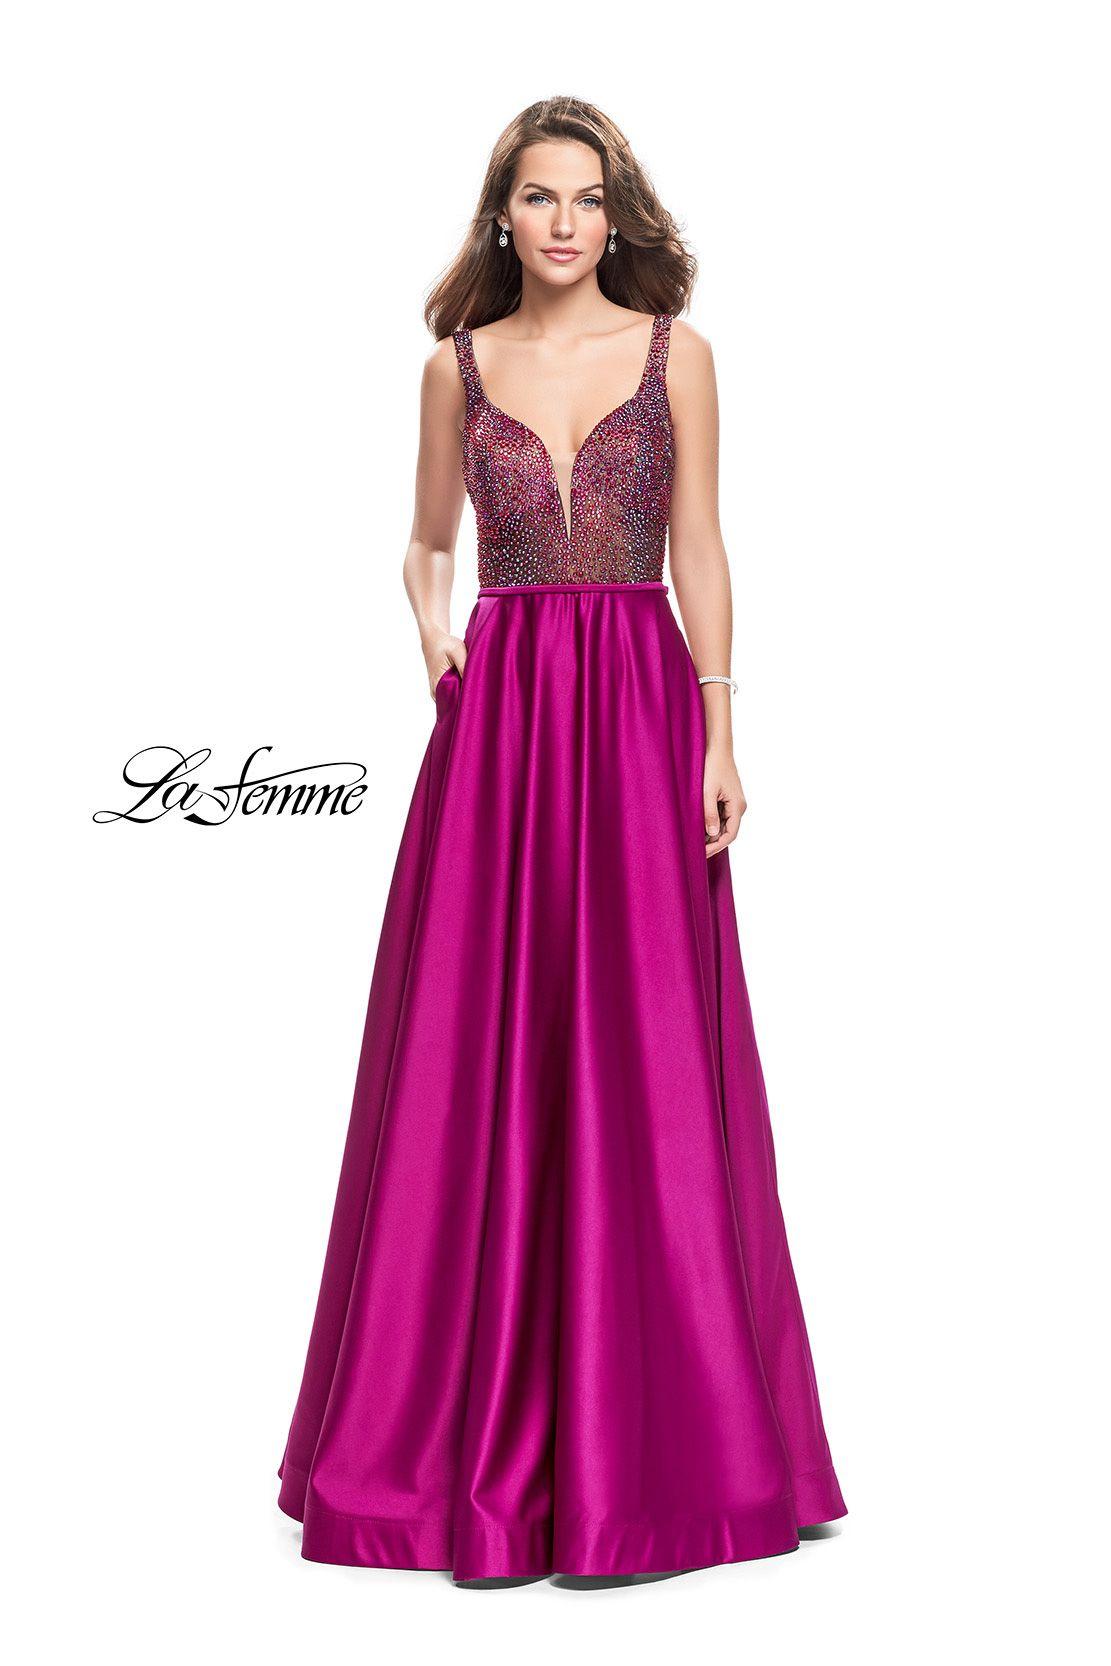 Encantador La Femme Vestidos Prom Venta Friso - Colección de ...